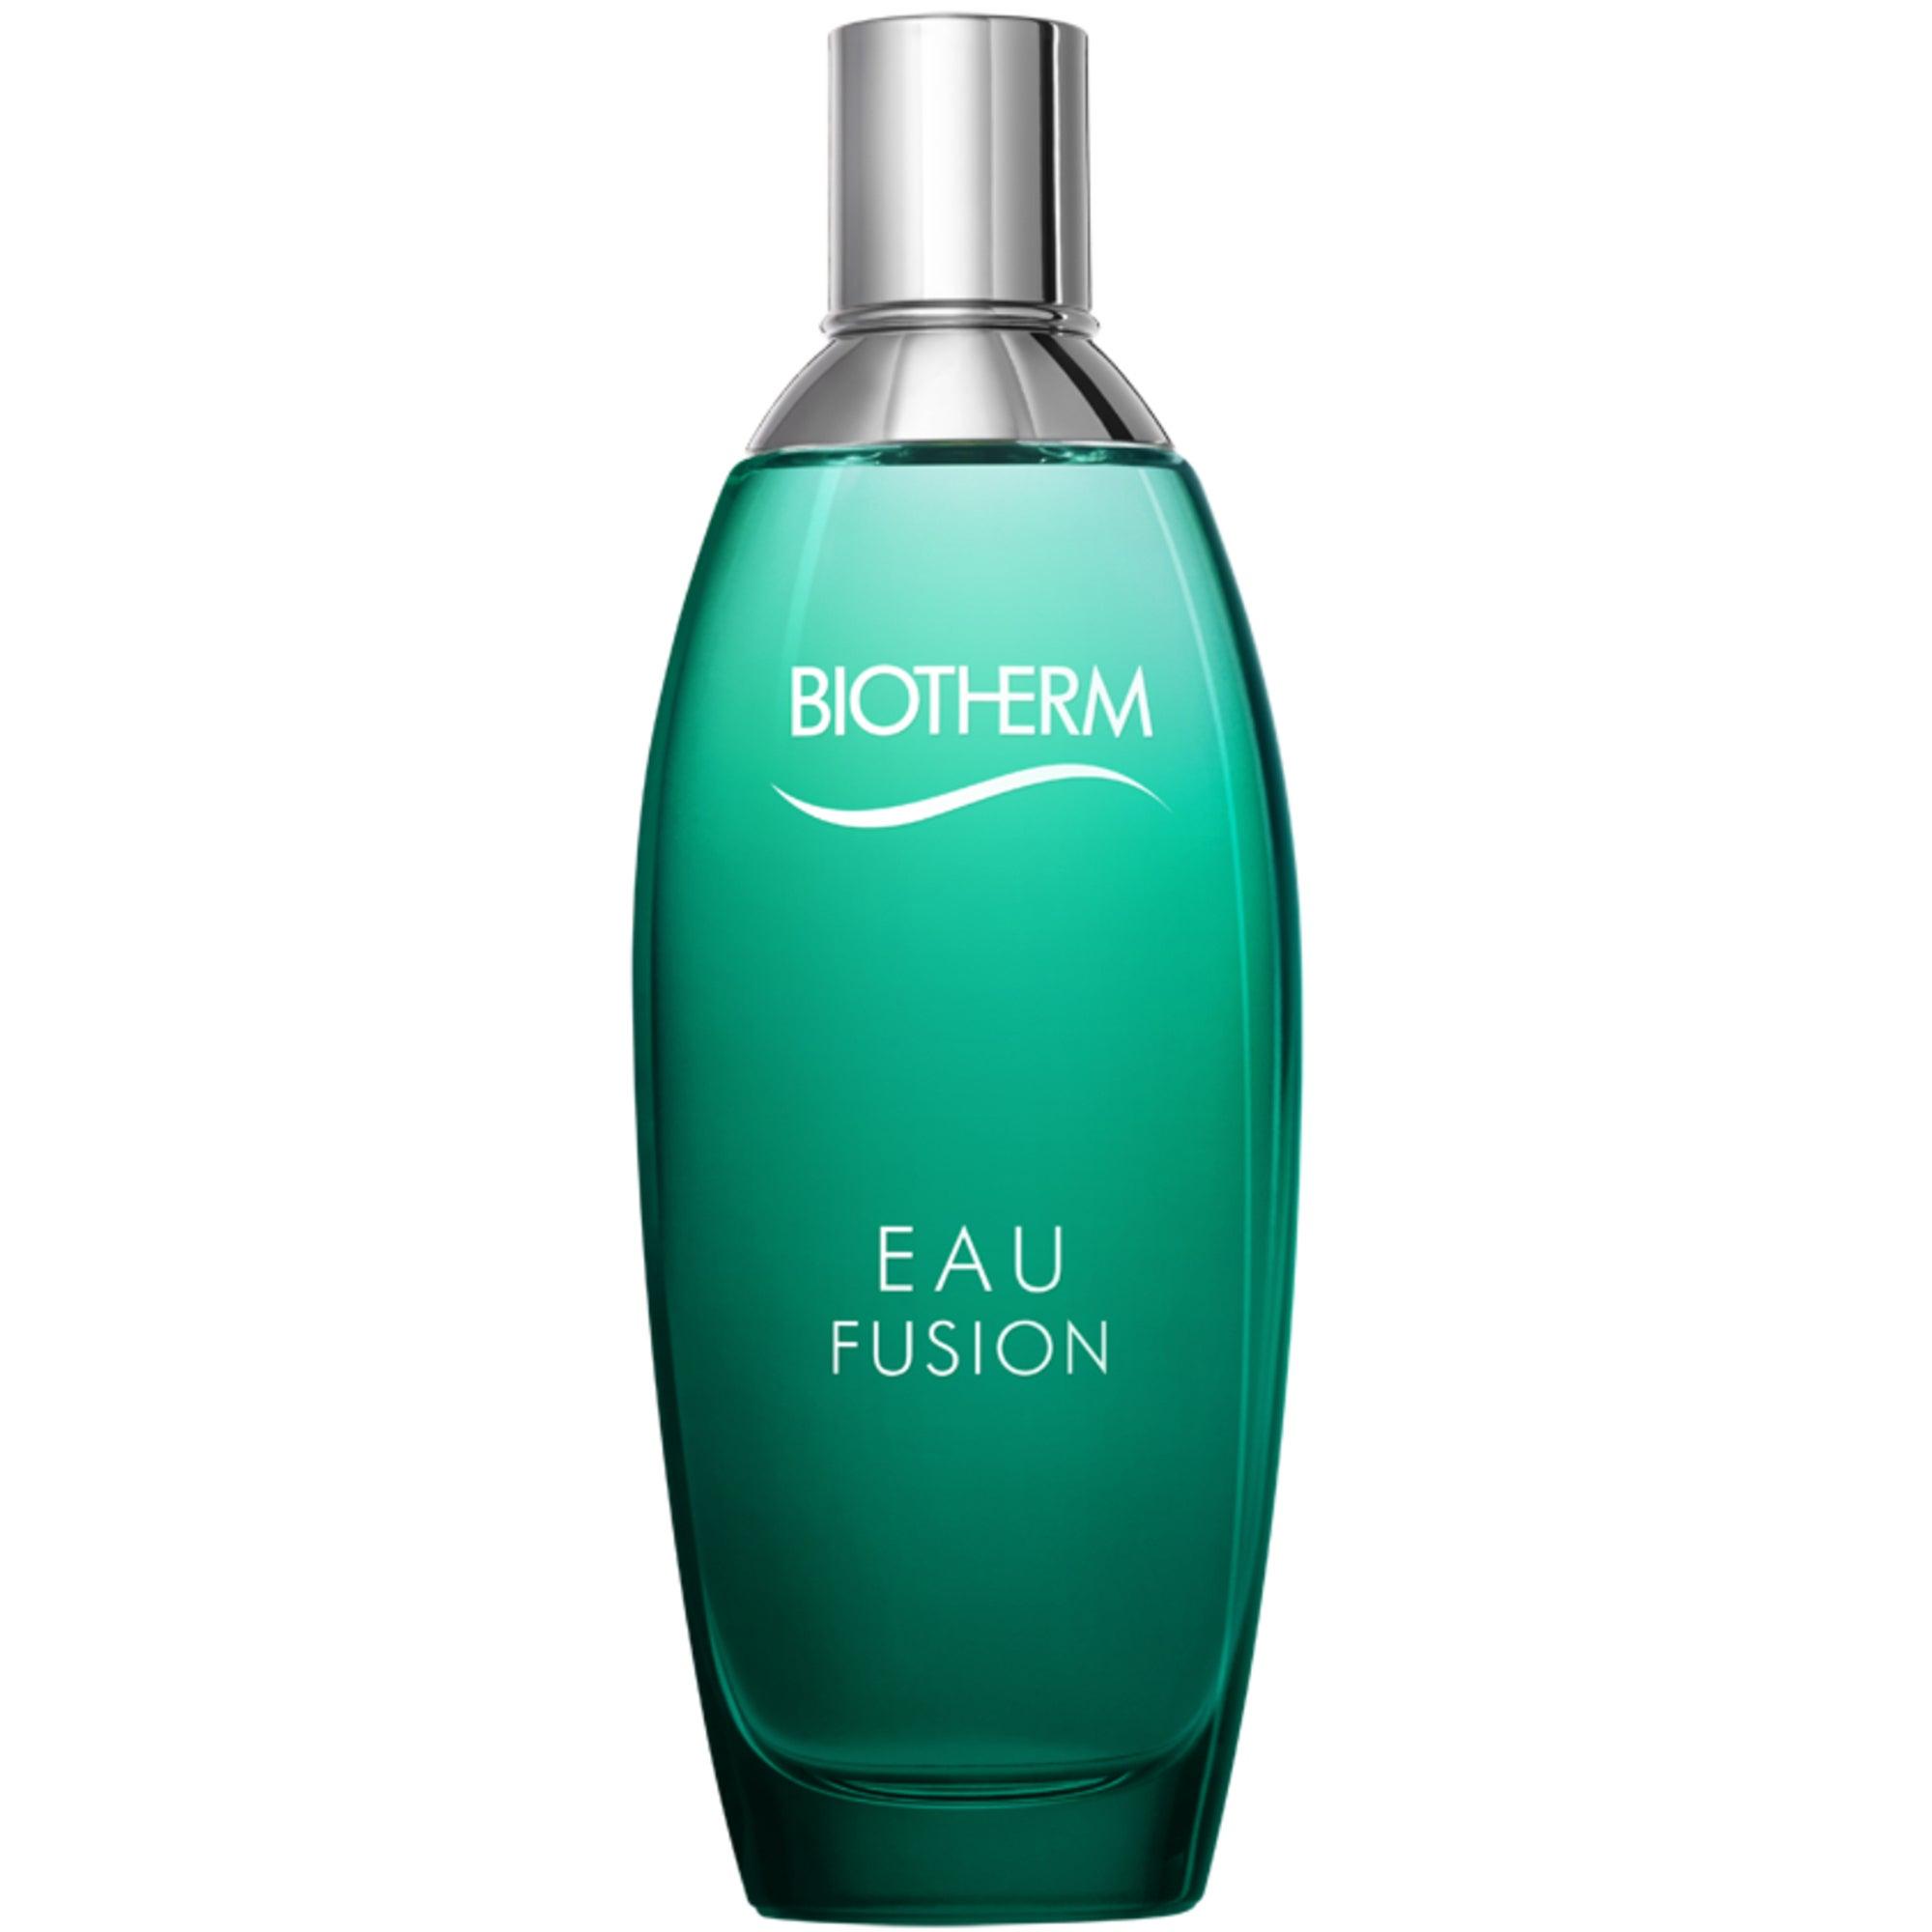 Biotherm Eau Fusion EdT, 100 ml Biotherm Parfym